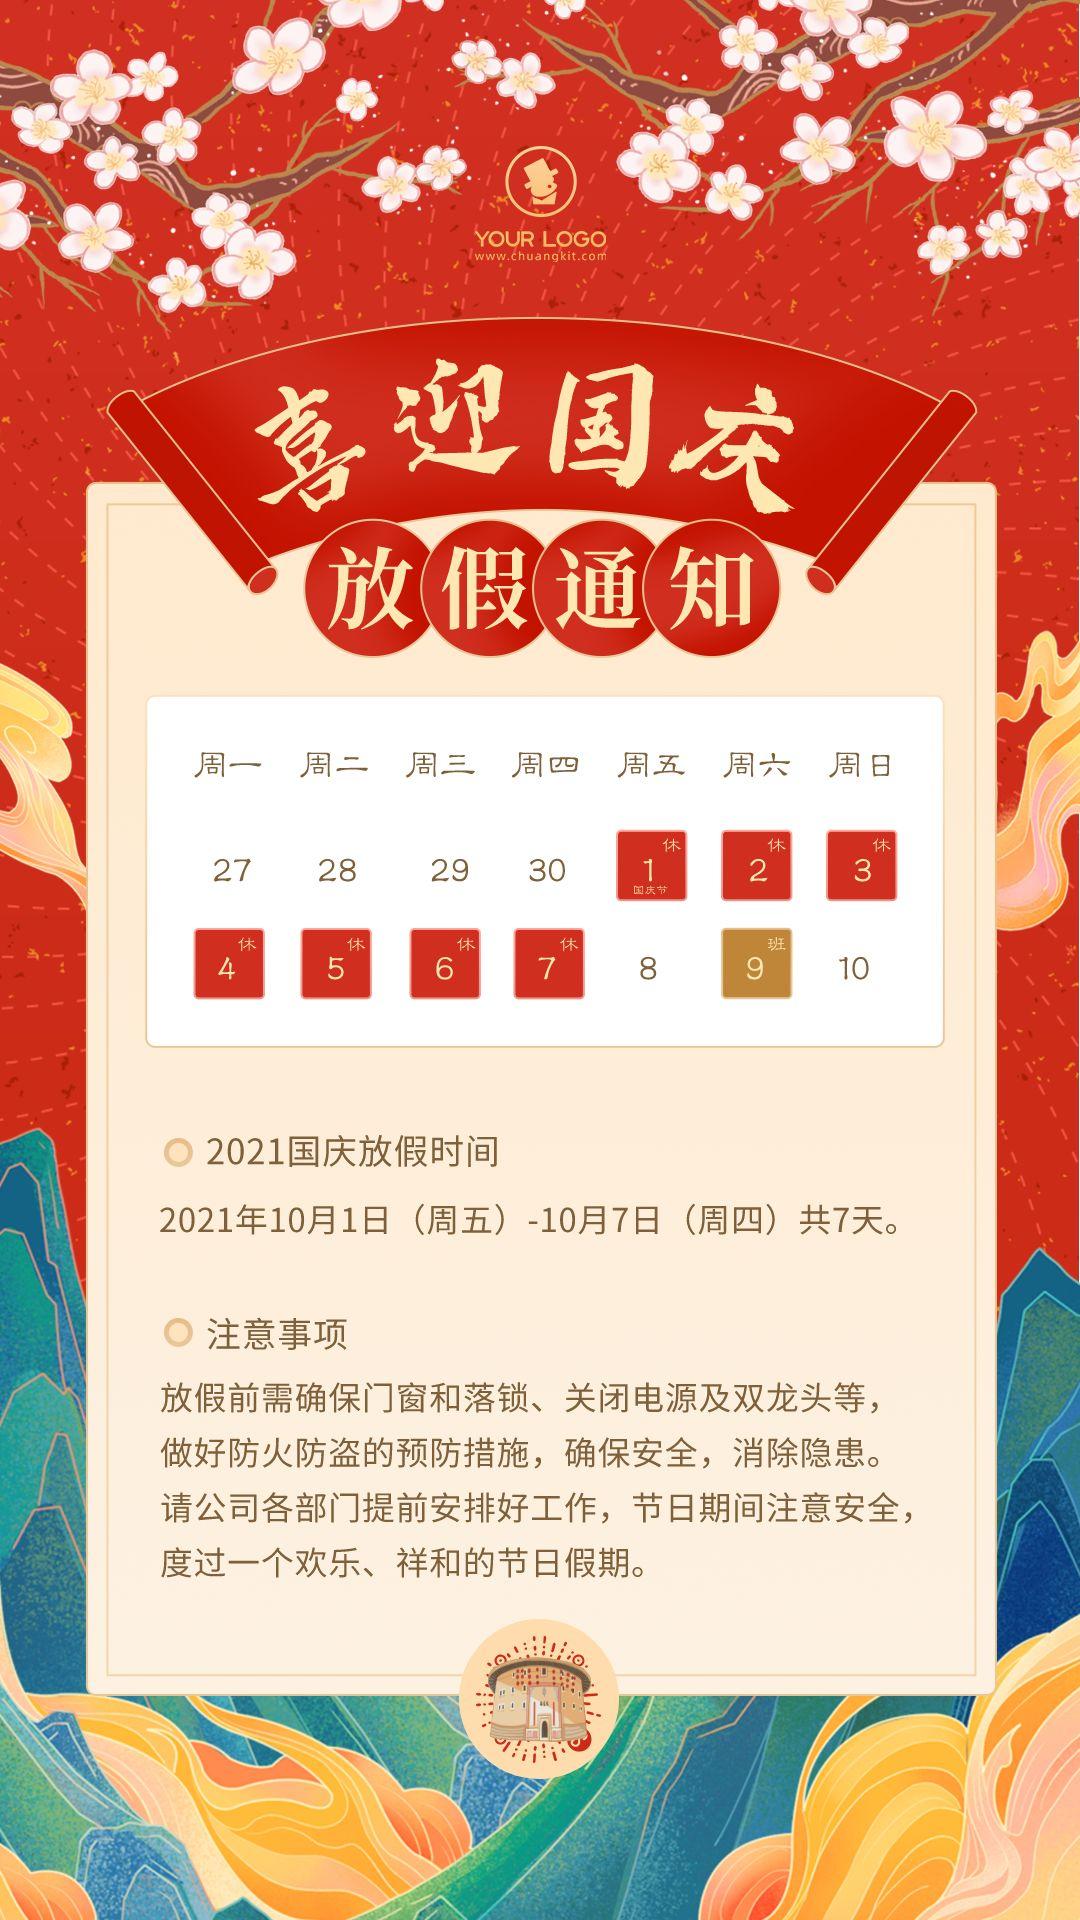 四川昱耀建筑工程有限公司2021年国庆节放假通知